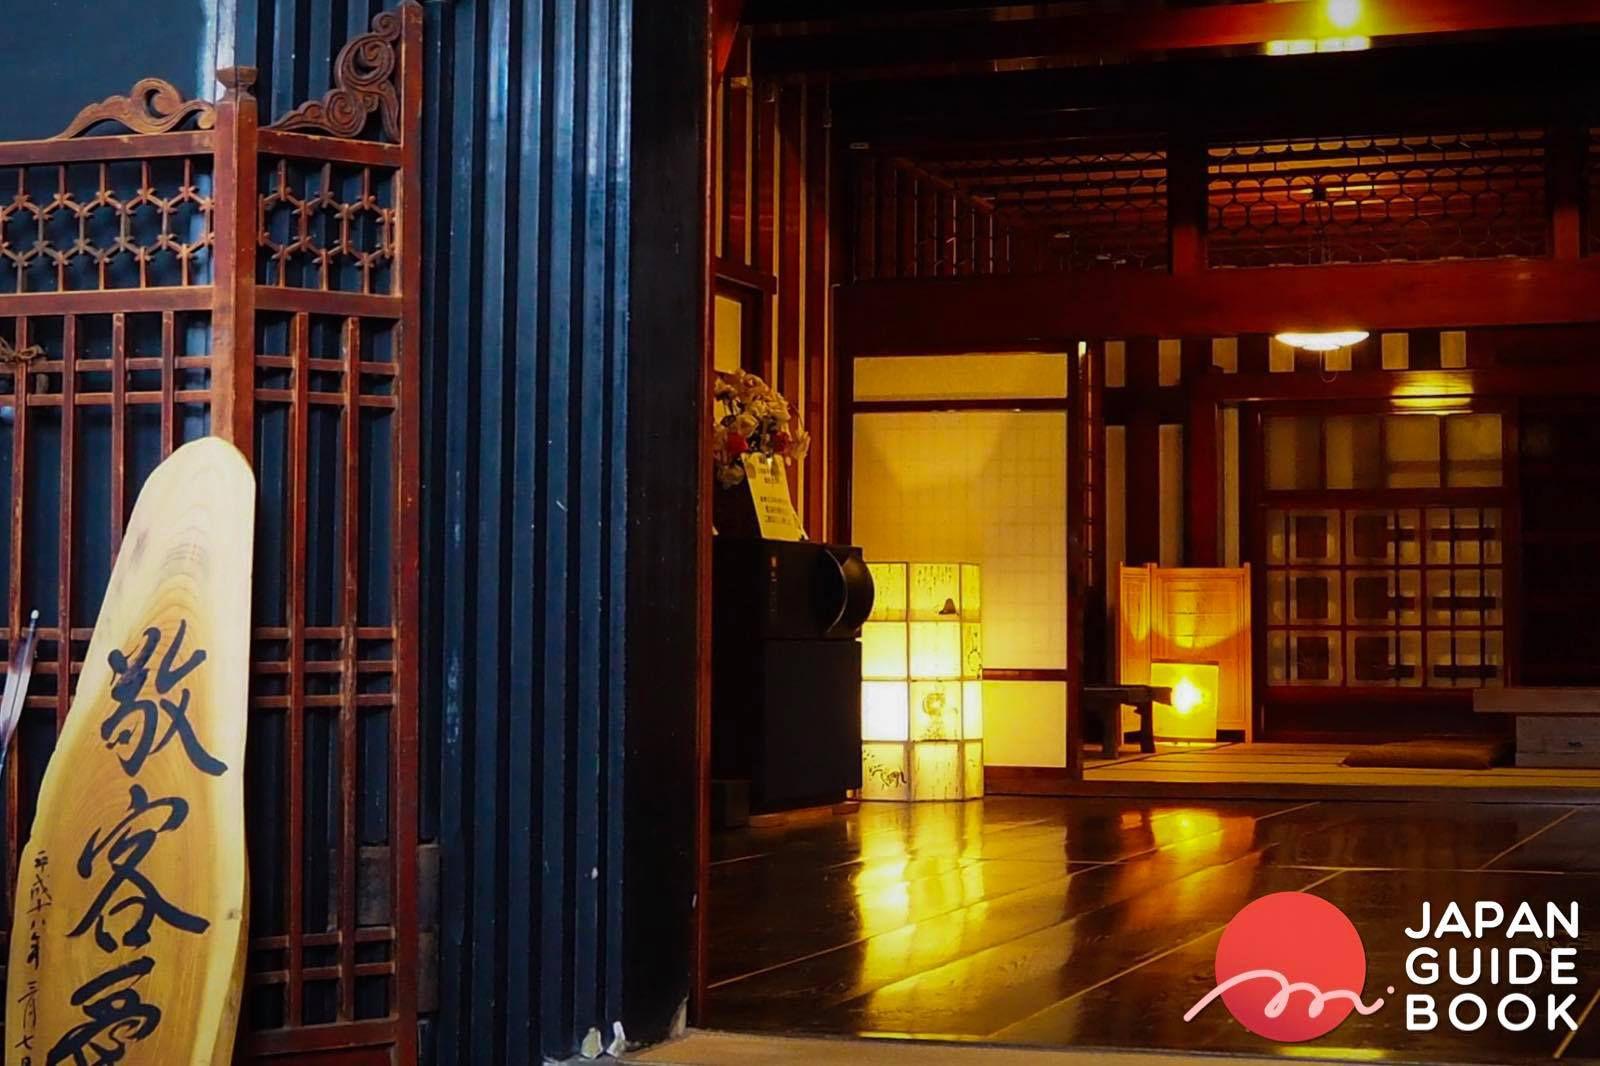 ภายใน Uchigura ของห้องหมักสาเก